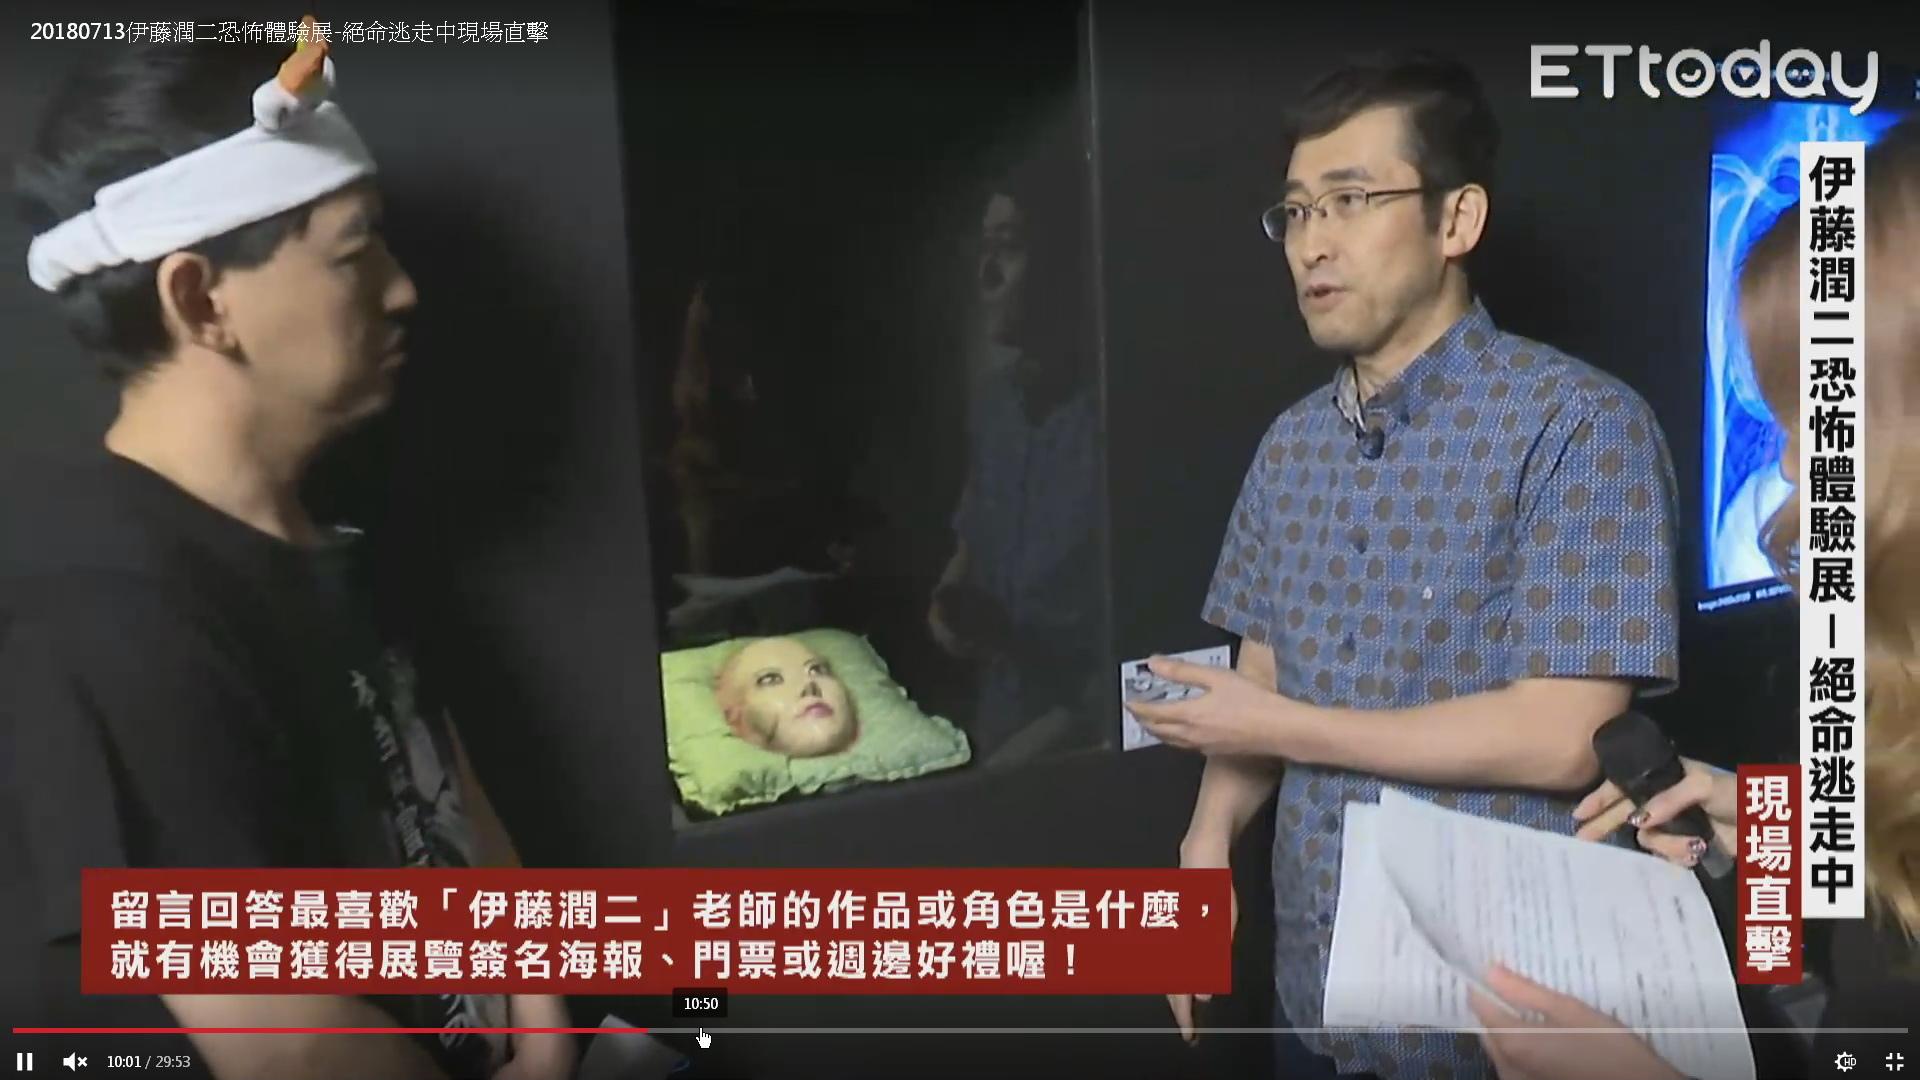 2018伊藤潤二恐怖體驗展 台北新光三越A9:伊藤潤二直播訪談 21.jpg